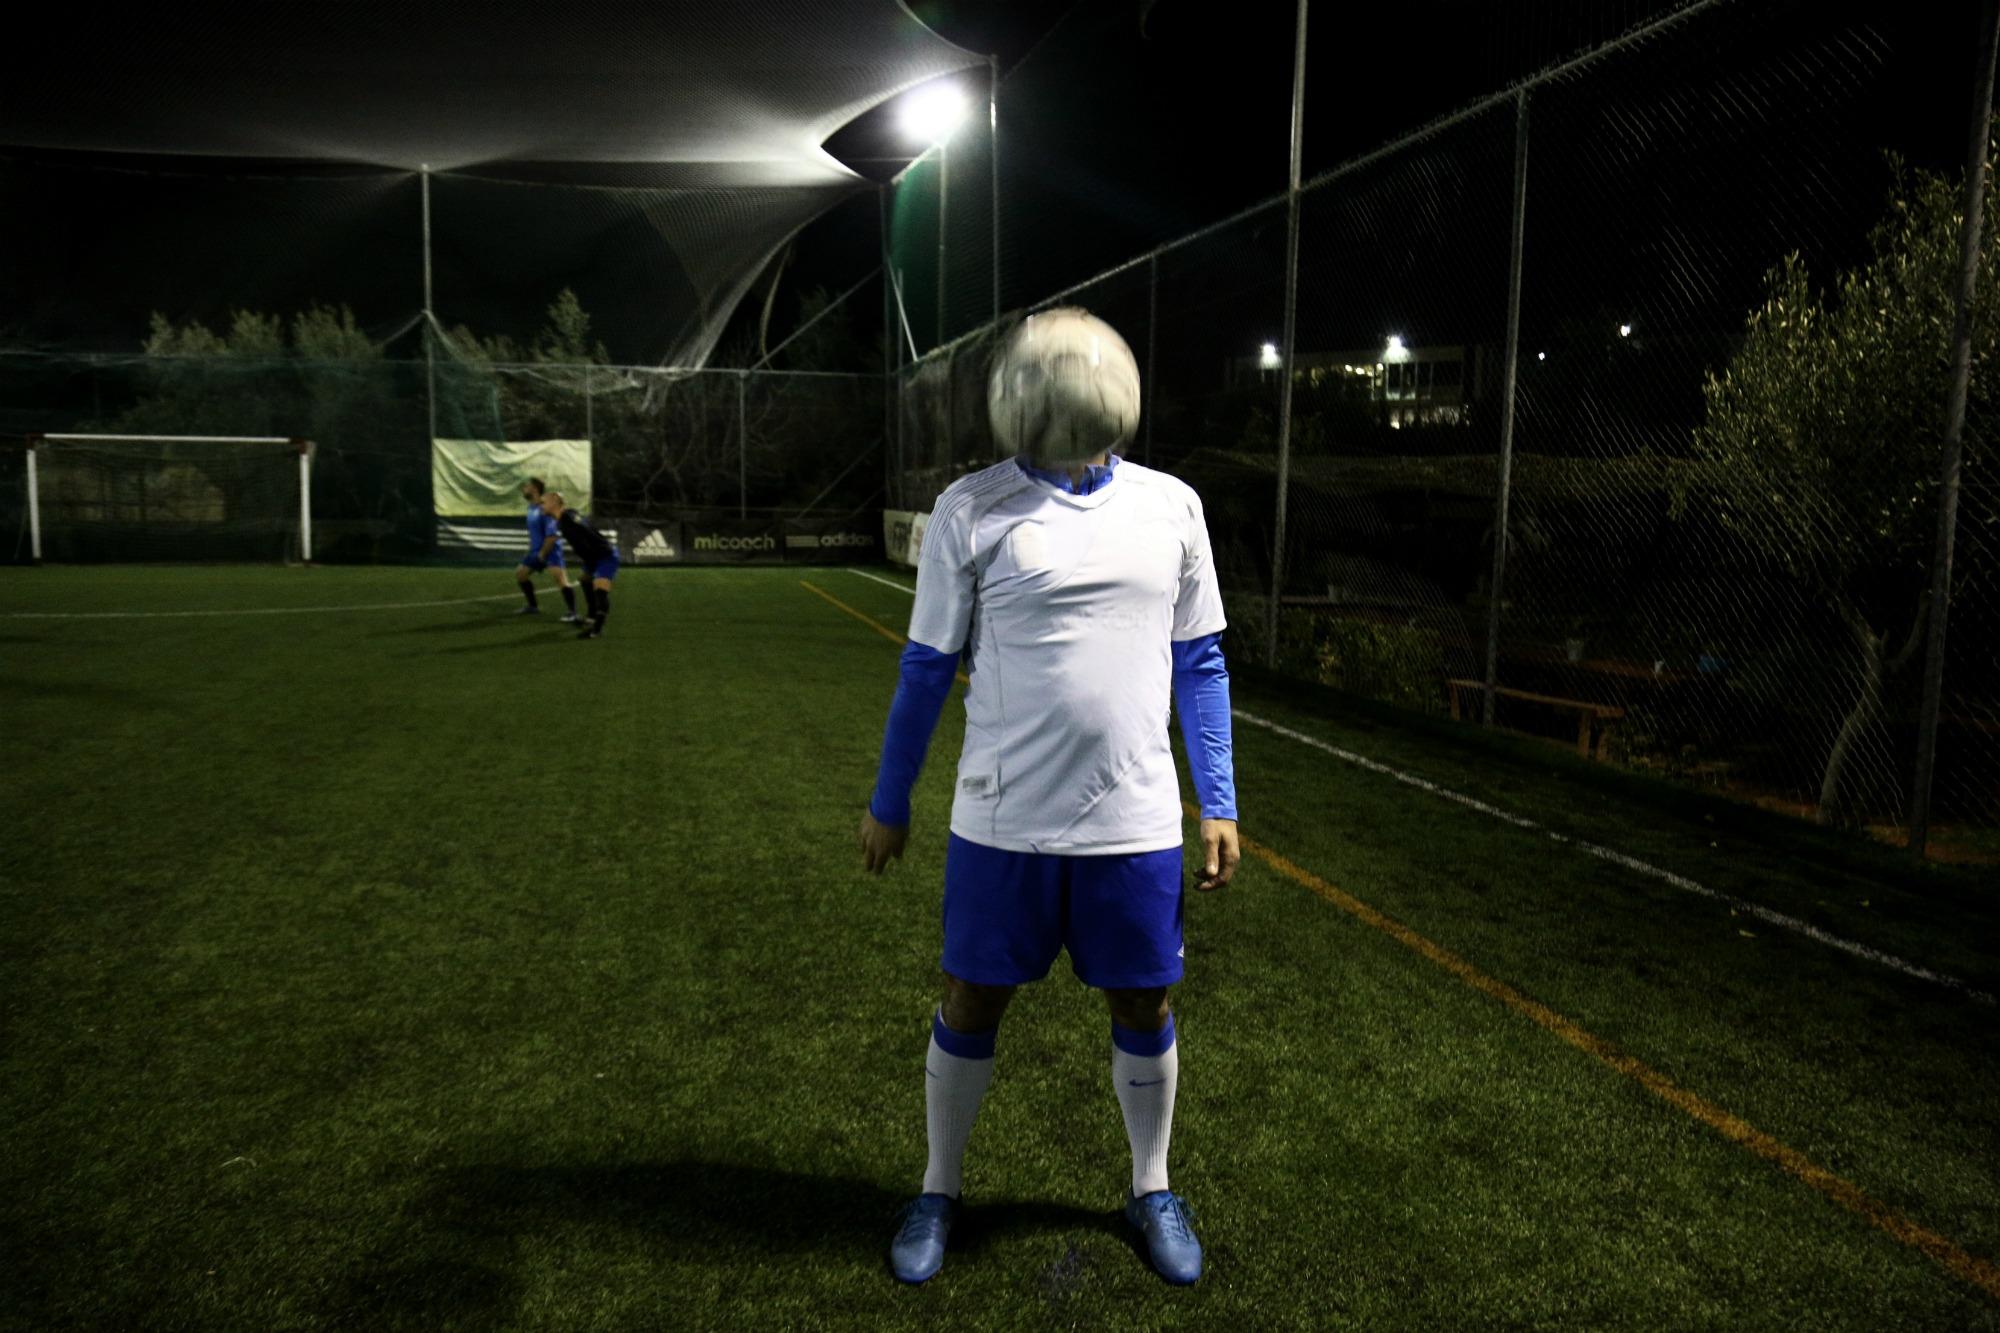 βγαίνω με έναν προπονητή ποδοσφαίρου το νήμα γνωριμιών 66